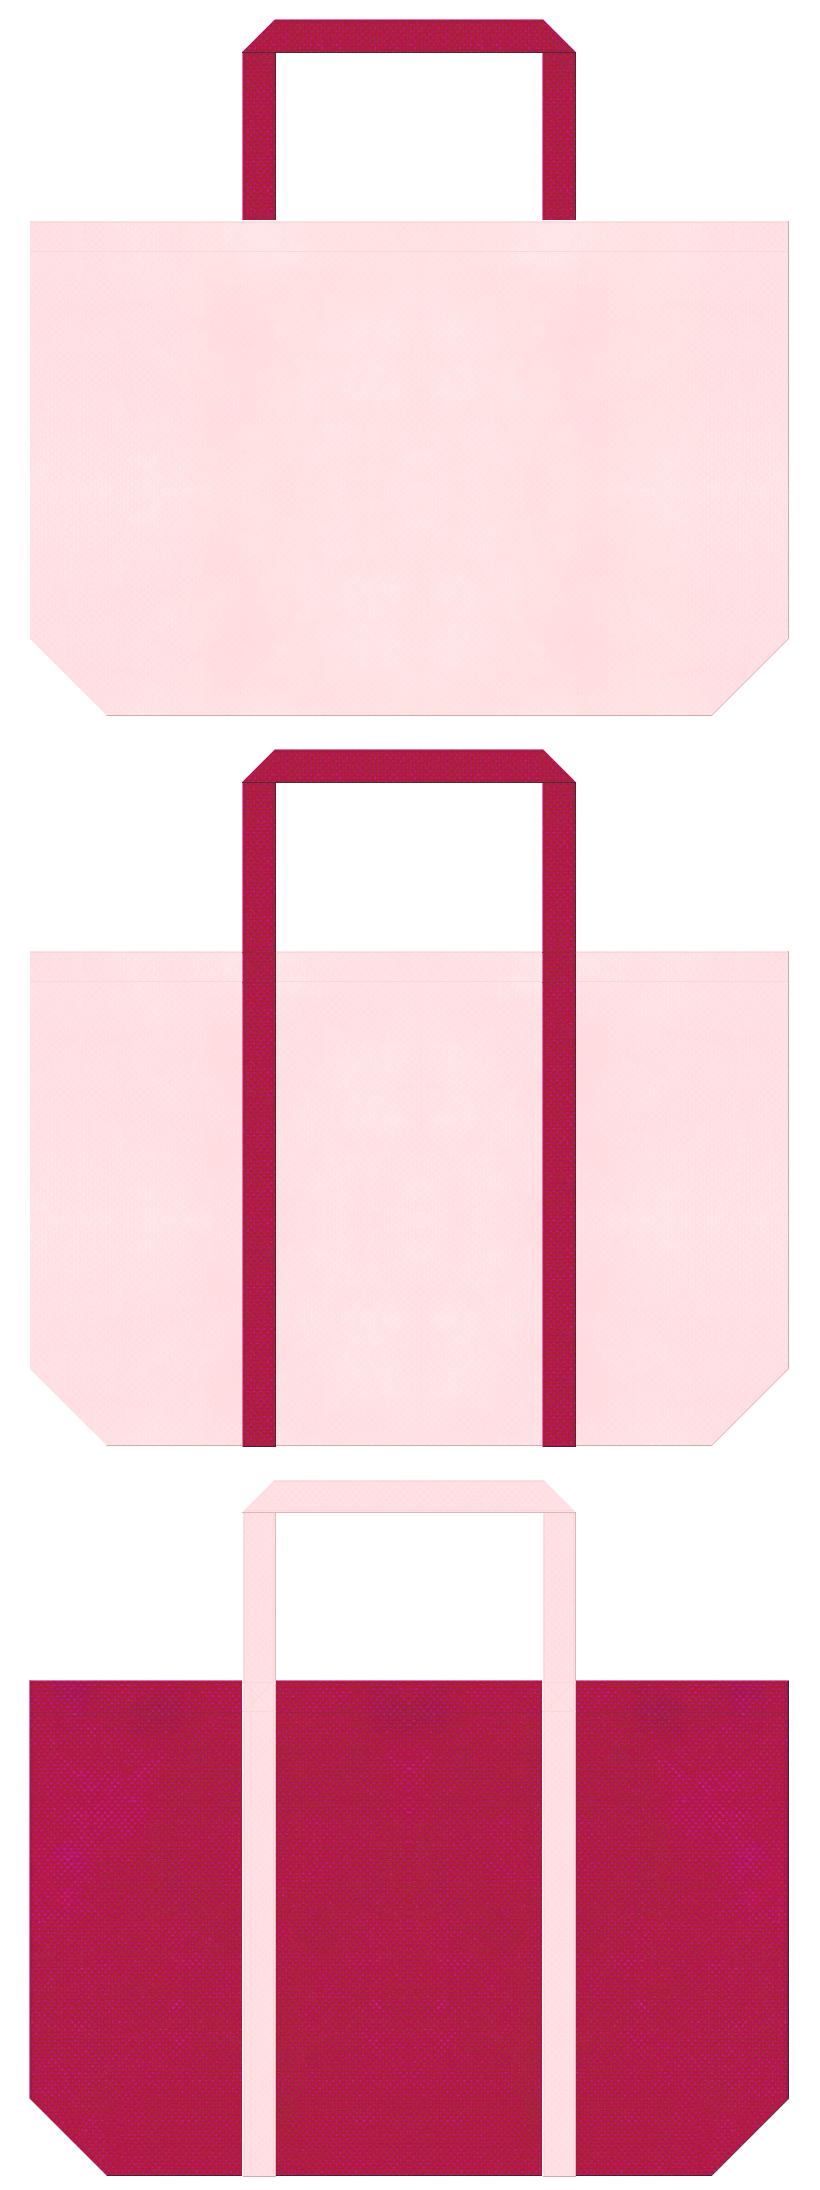 桜色と濃いピンク色の不織布ショッピングバッグデザイン。母の日ギフトのショッピングバッグにお奨めです。